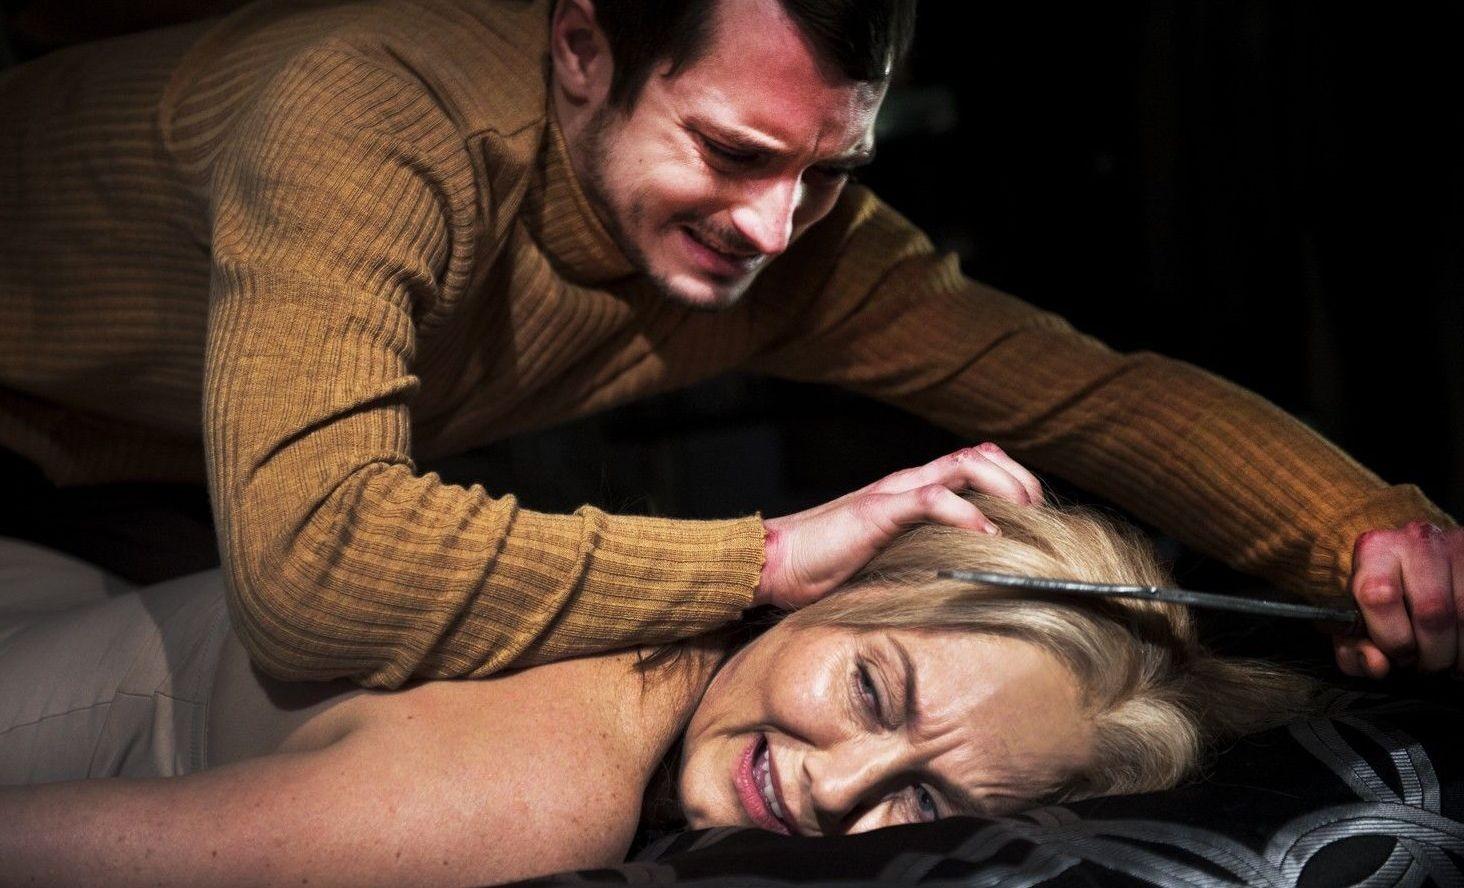 Похищение с аналом, Похищение анал - видео rating Flesh Hole HD 5 фотография